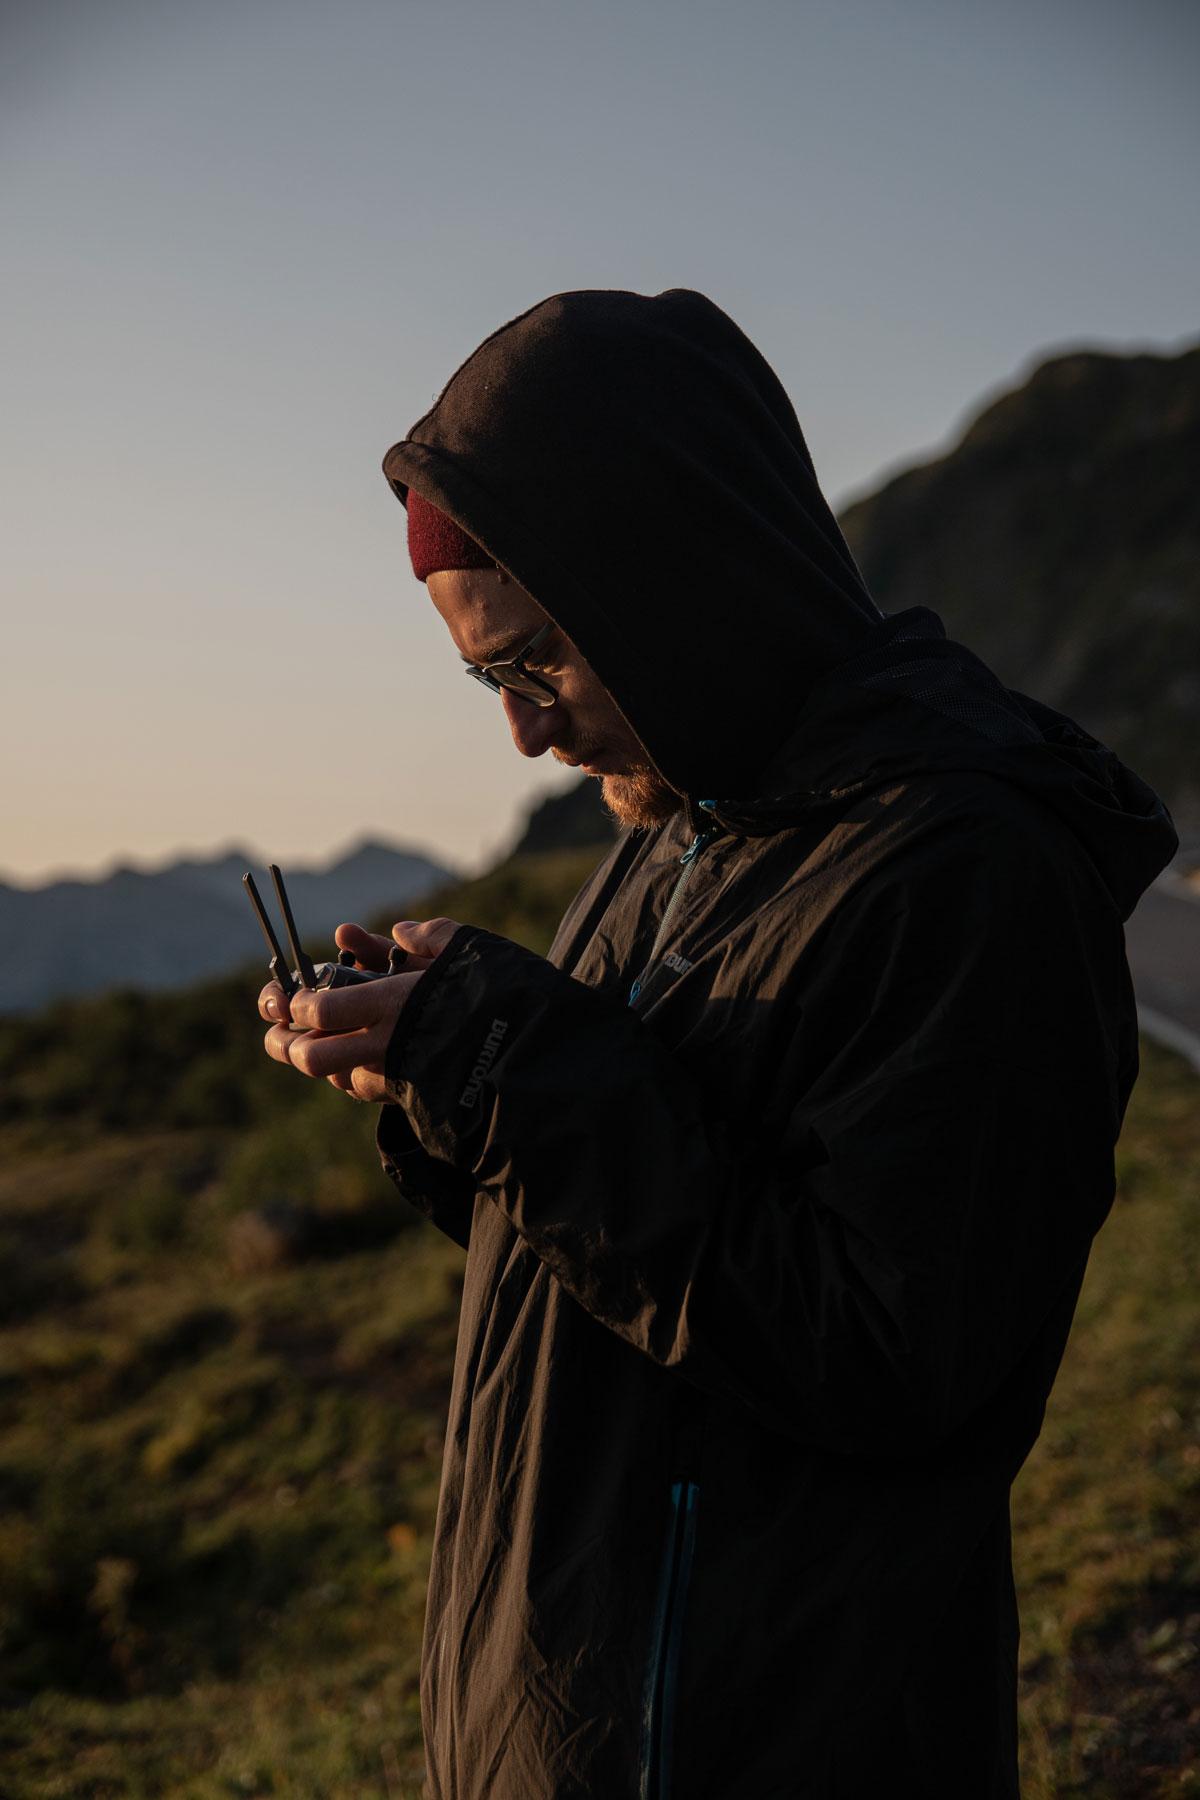 Zu sehen ist Thomas Stanglechner bei dem Dreh für ein Musikvideo. gemacht von Pia Berchtold.